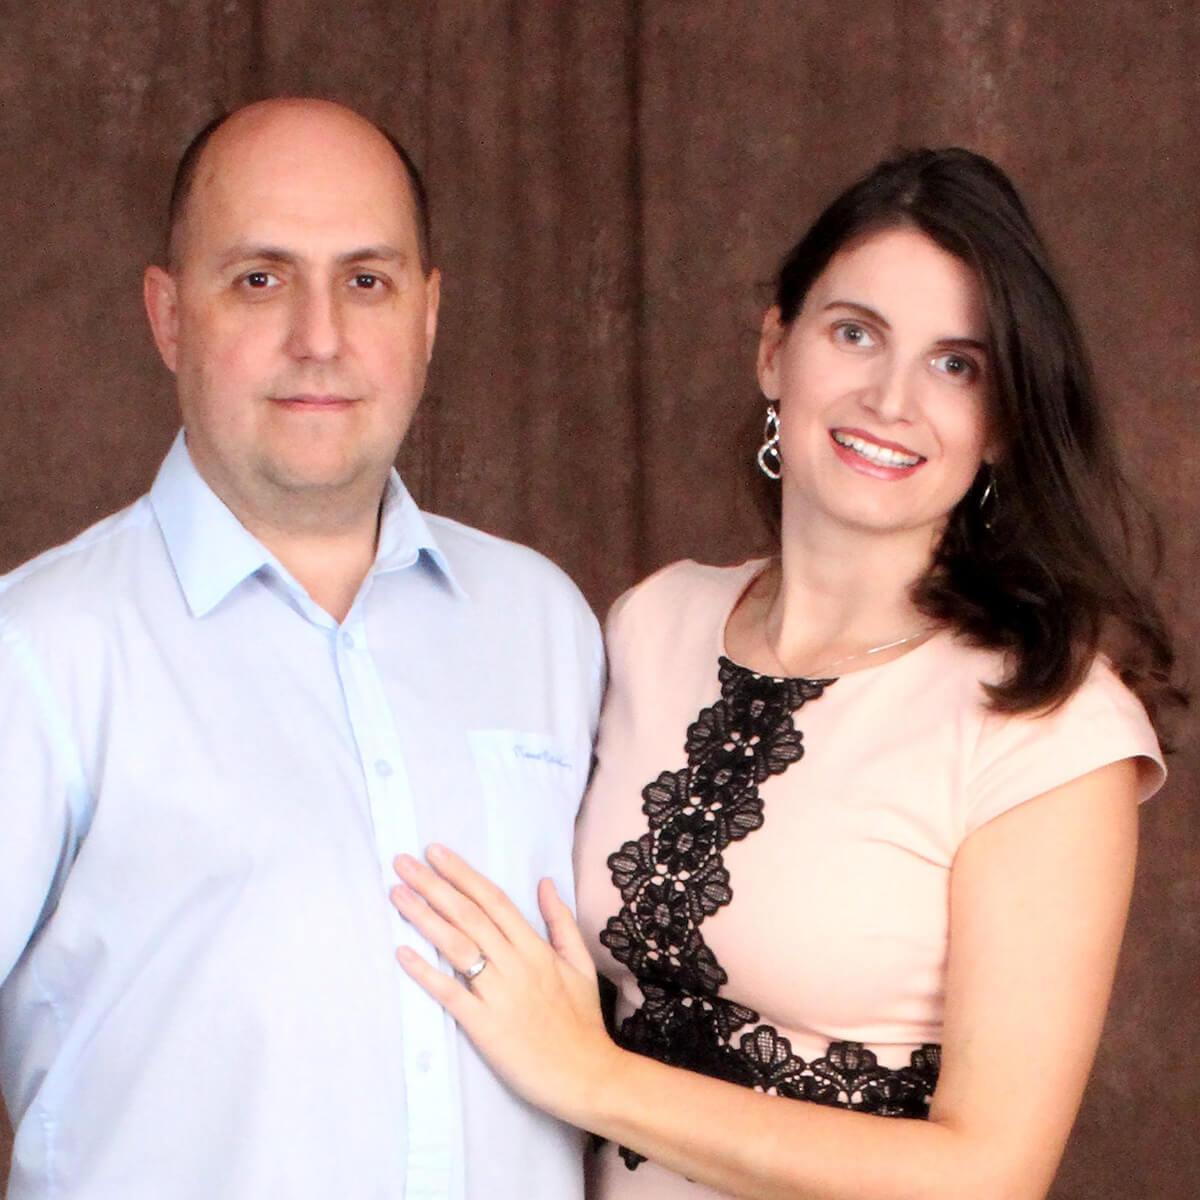 Naši pastoři: Bohdan a Patricie Stonawšťí